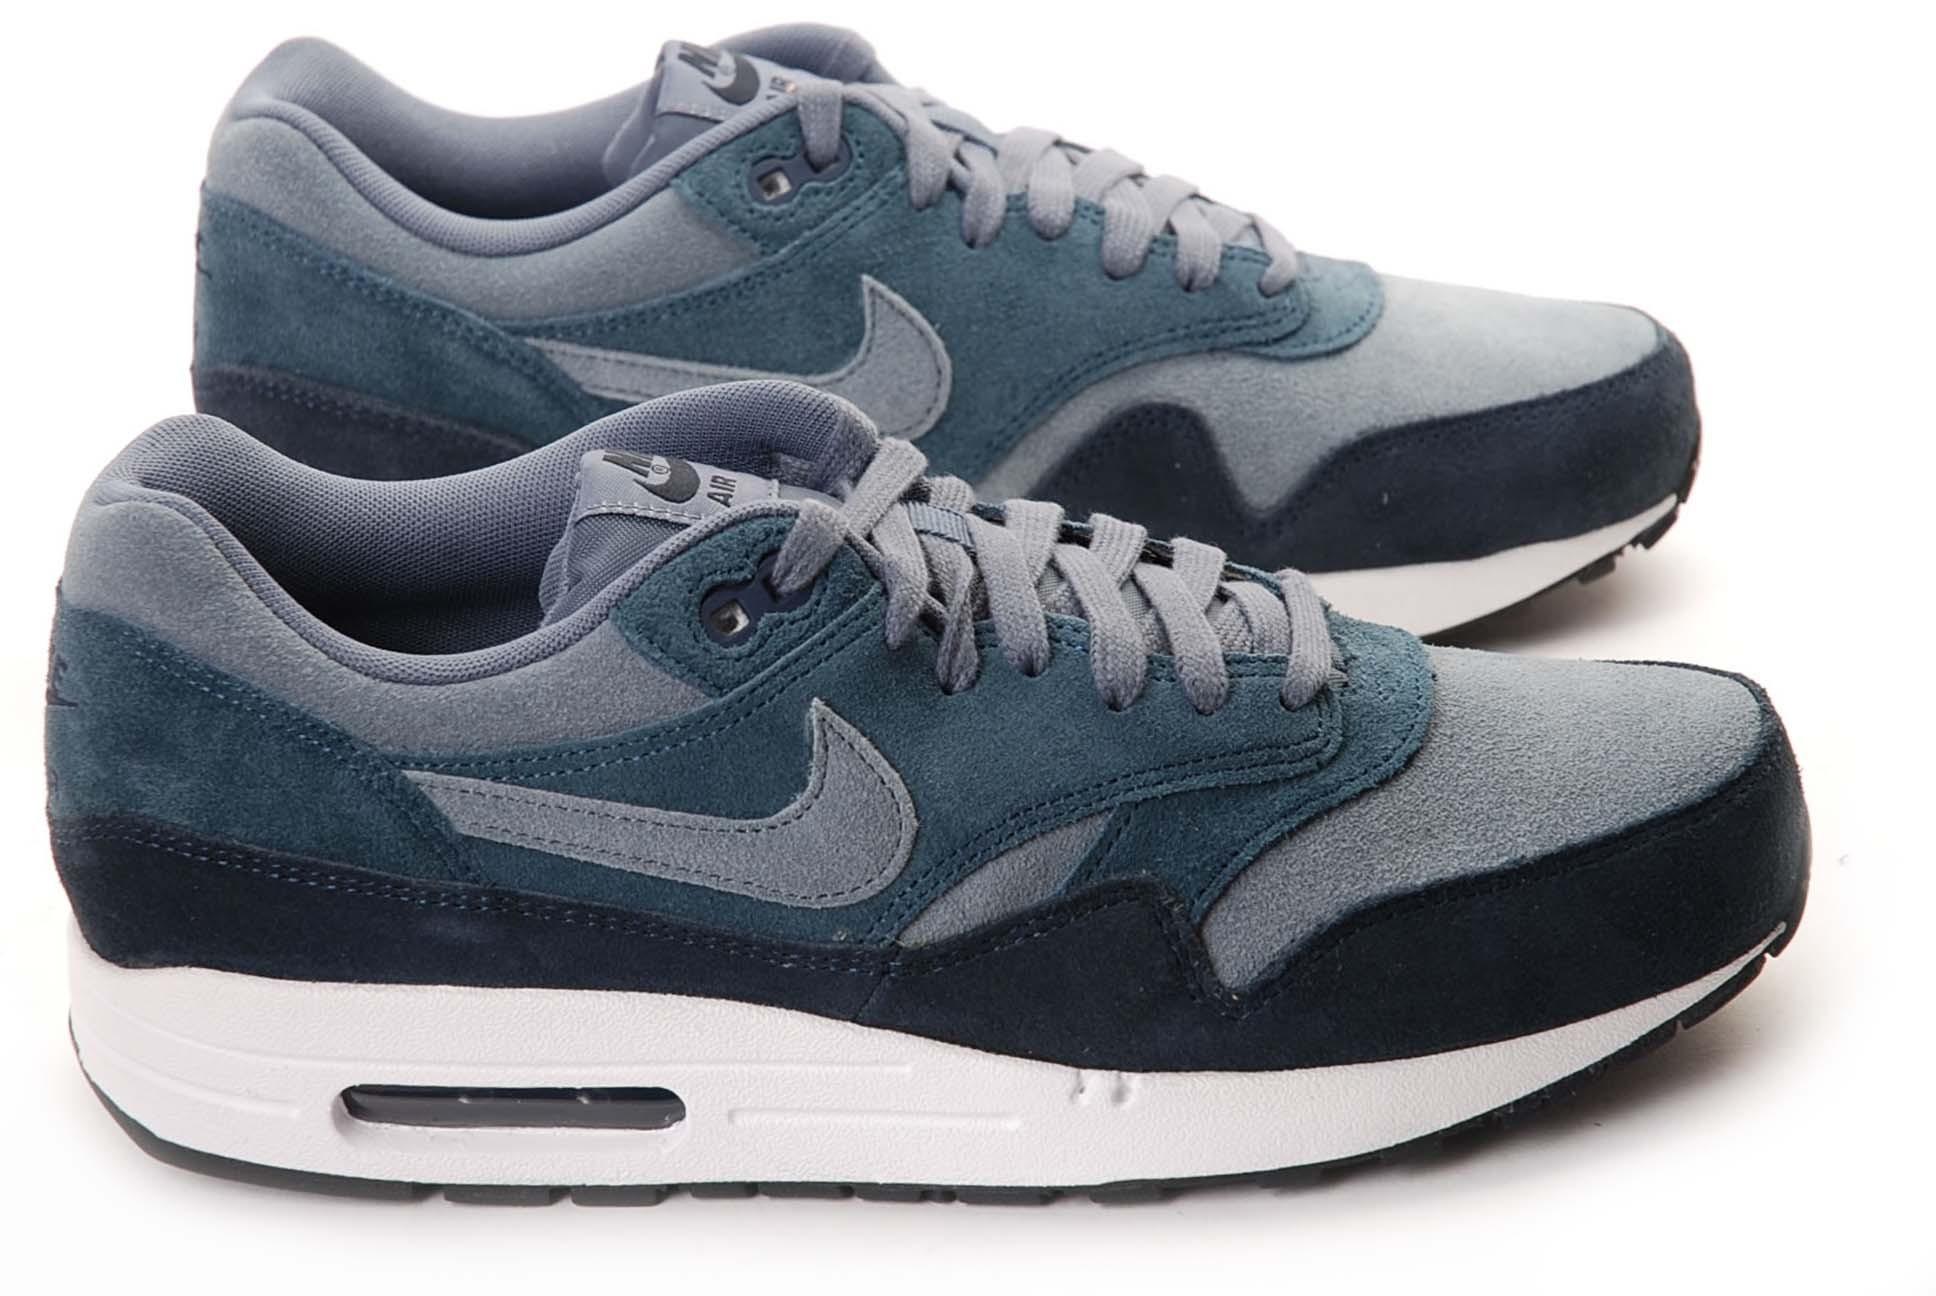 093751de59a0 air max 1 gris bleu